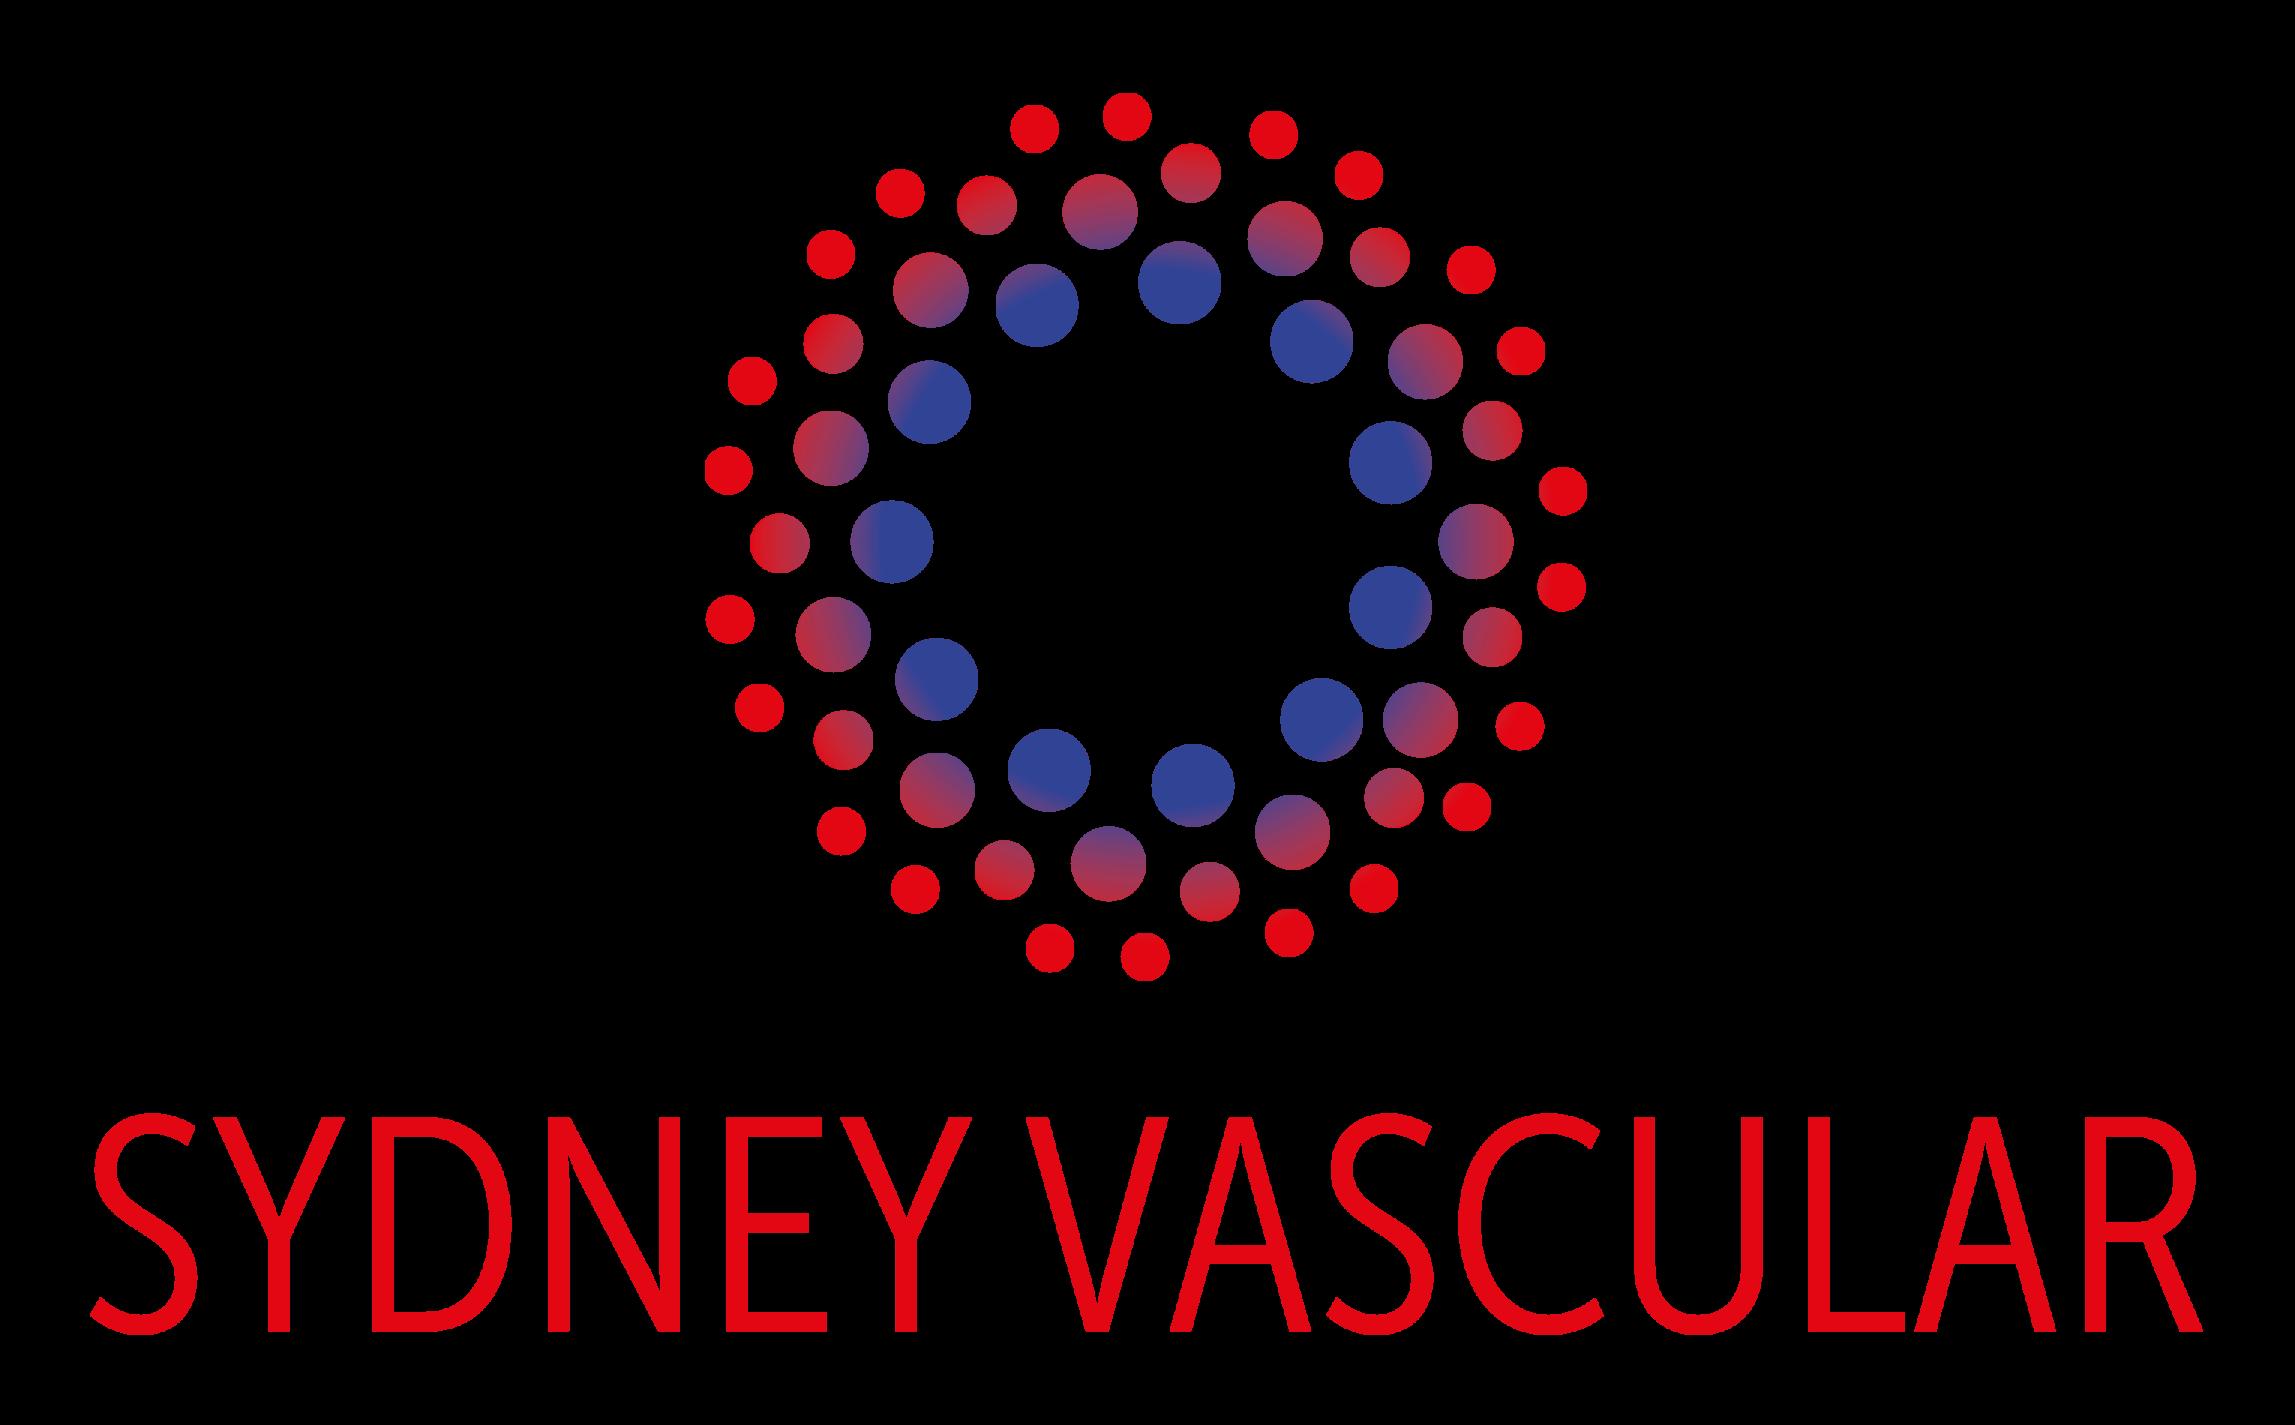 Sydney Vascular logo